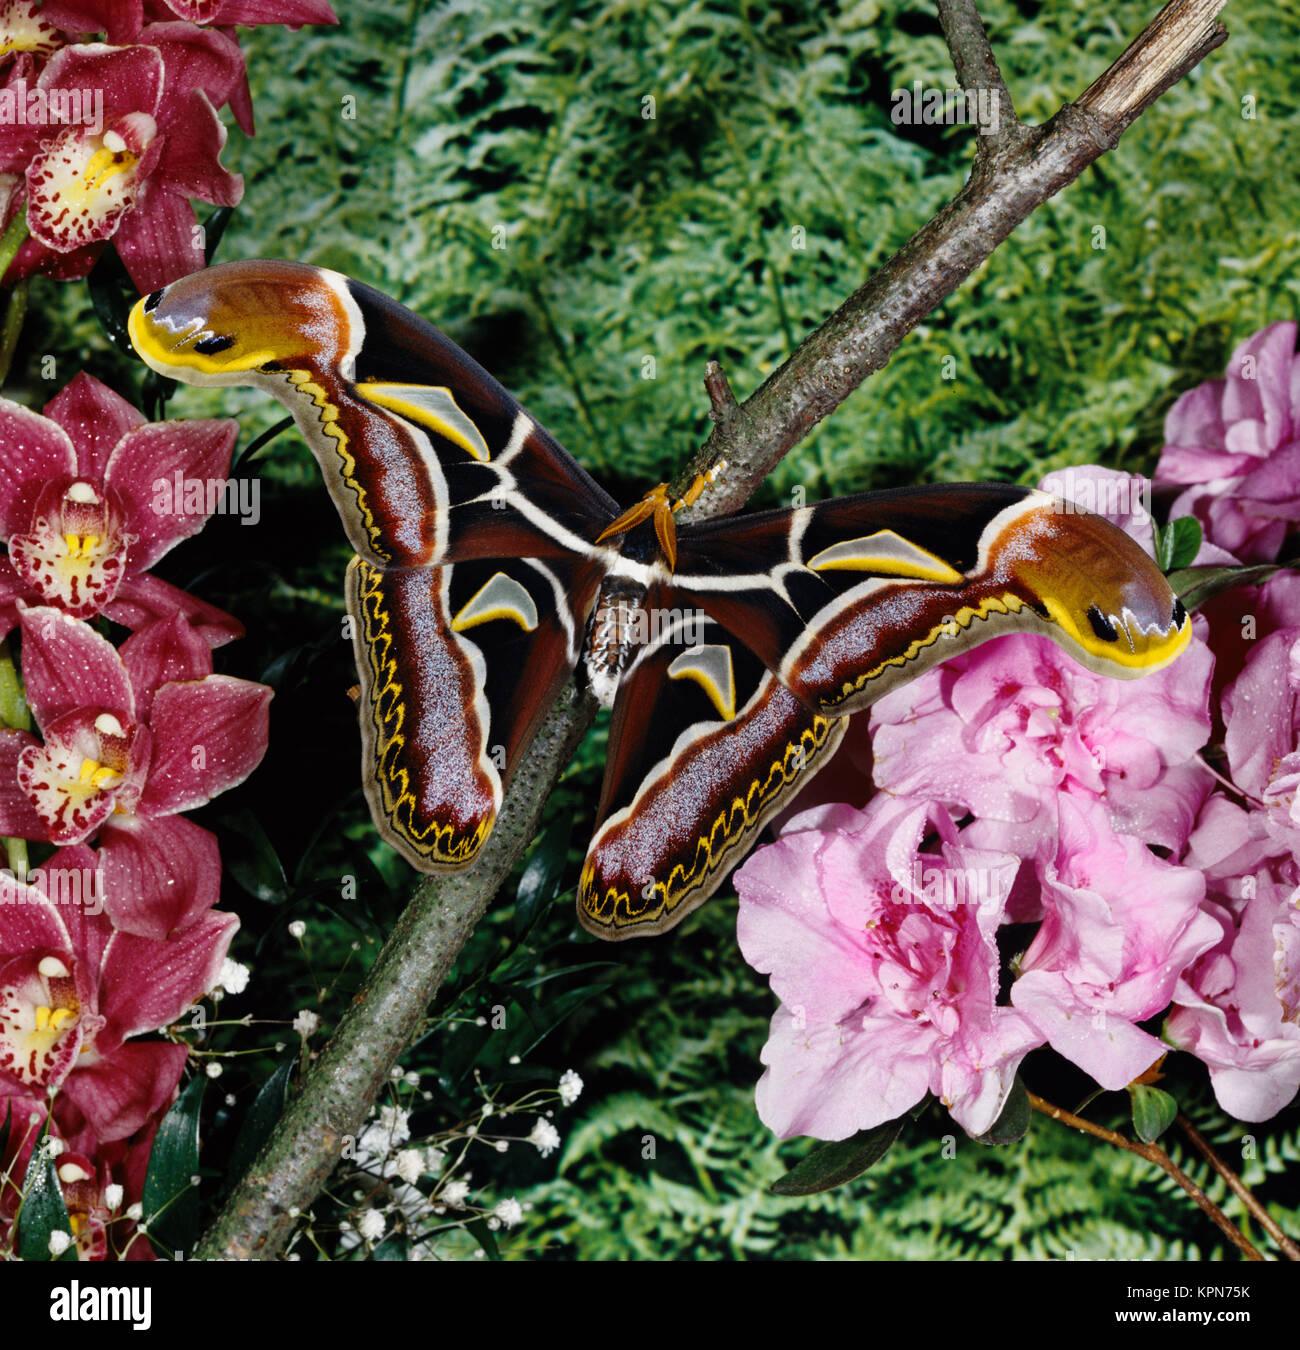 Atlasfalter, Attacus edwardsii, Nachtfalter, einer der größten Schmetterlinge der Erde, Spannweite bis über 250 mm, männlicher Falter, die Flügelspitzen imitieren Schlangen- köpfe, zur Abwehr von Fressfeinden. In Tälern am  Himalaja und Nordindien. Stock Photo